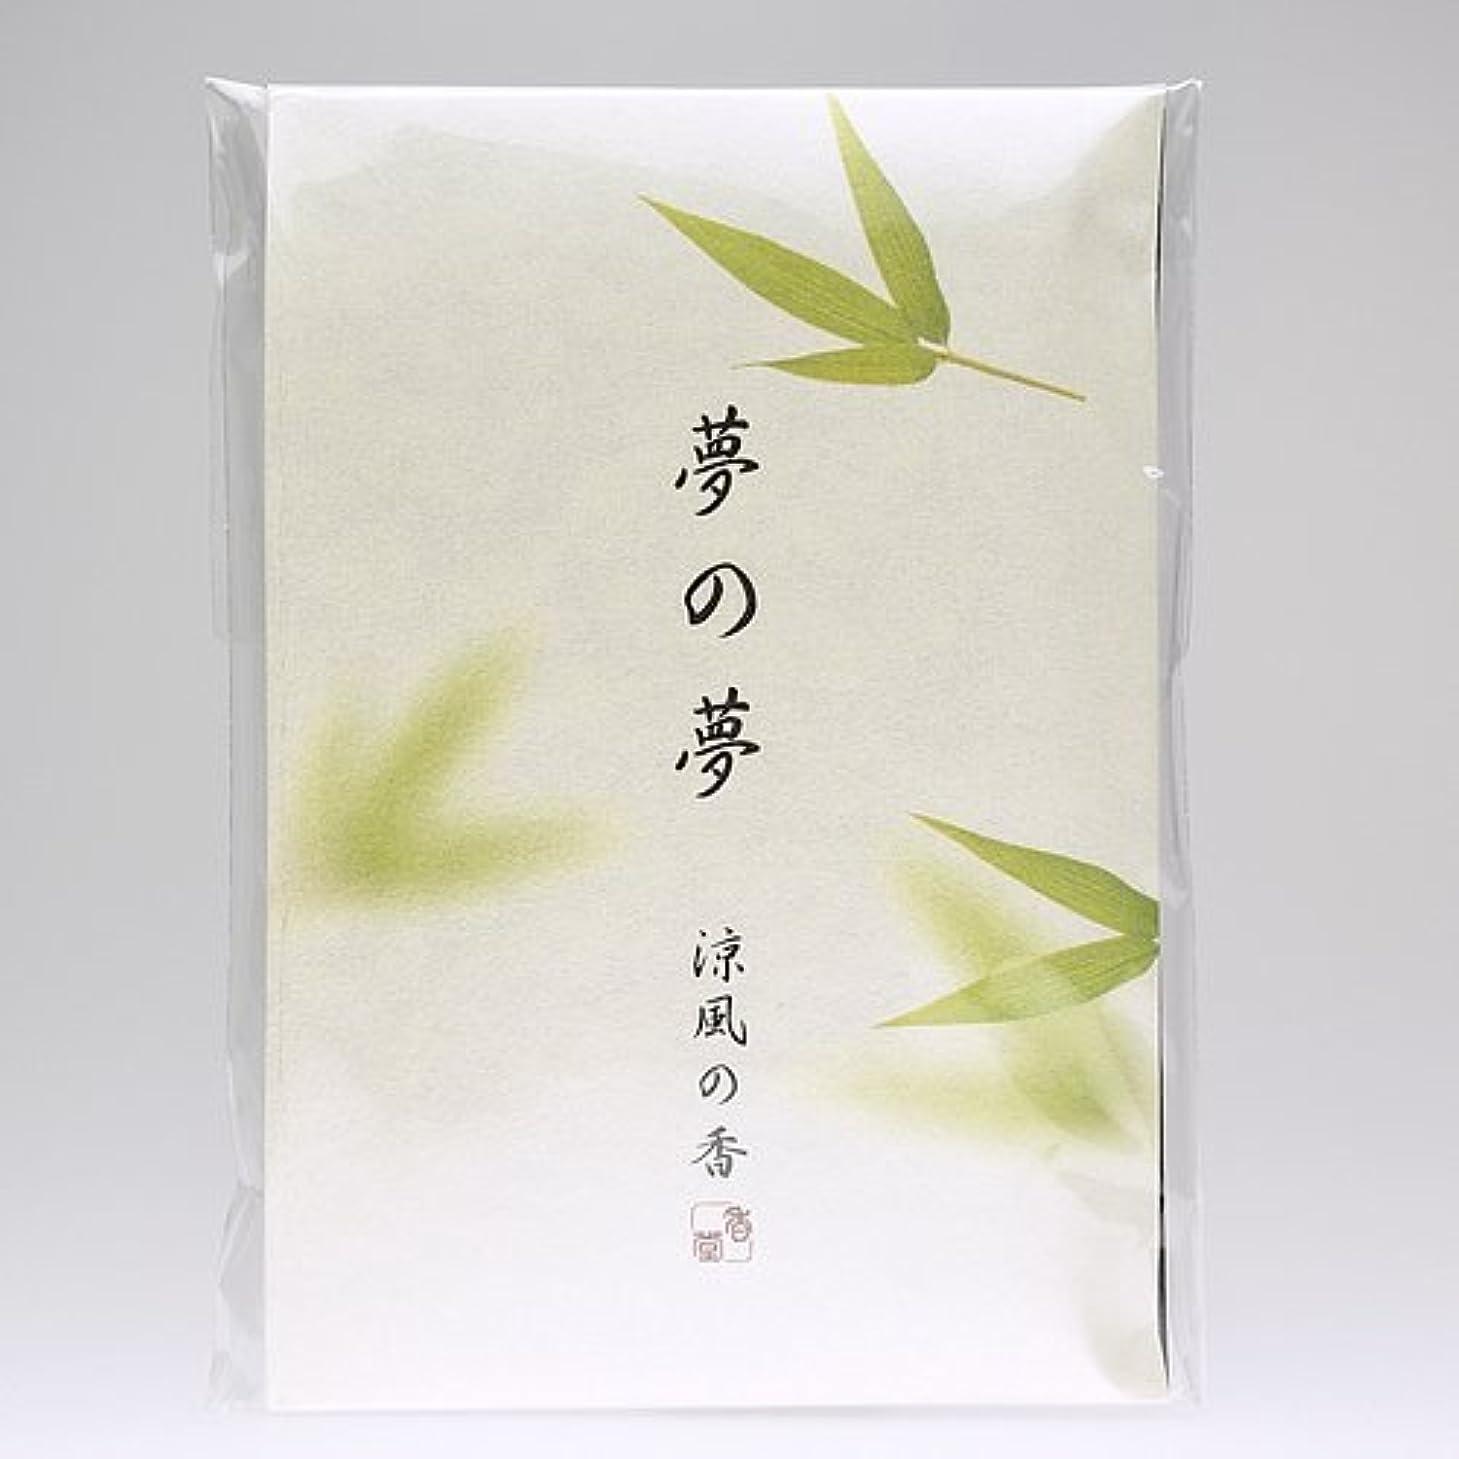 灌漑引く致死夢の夢 涼風の香 (笹) スティック12本入